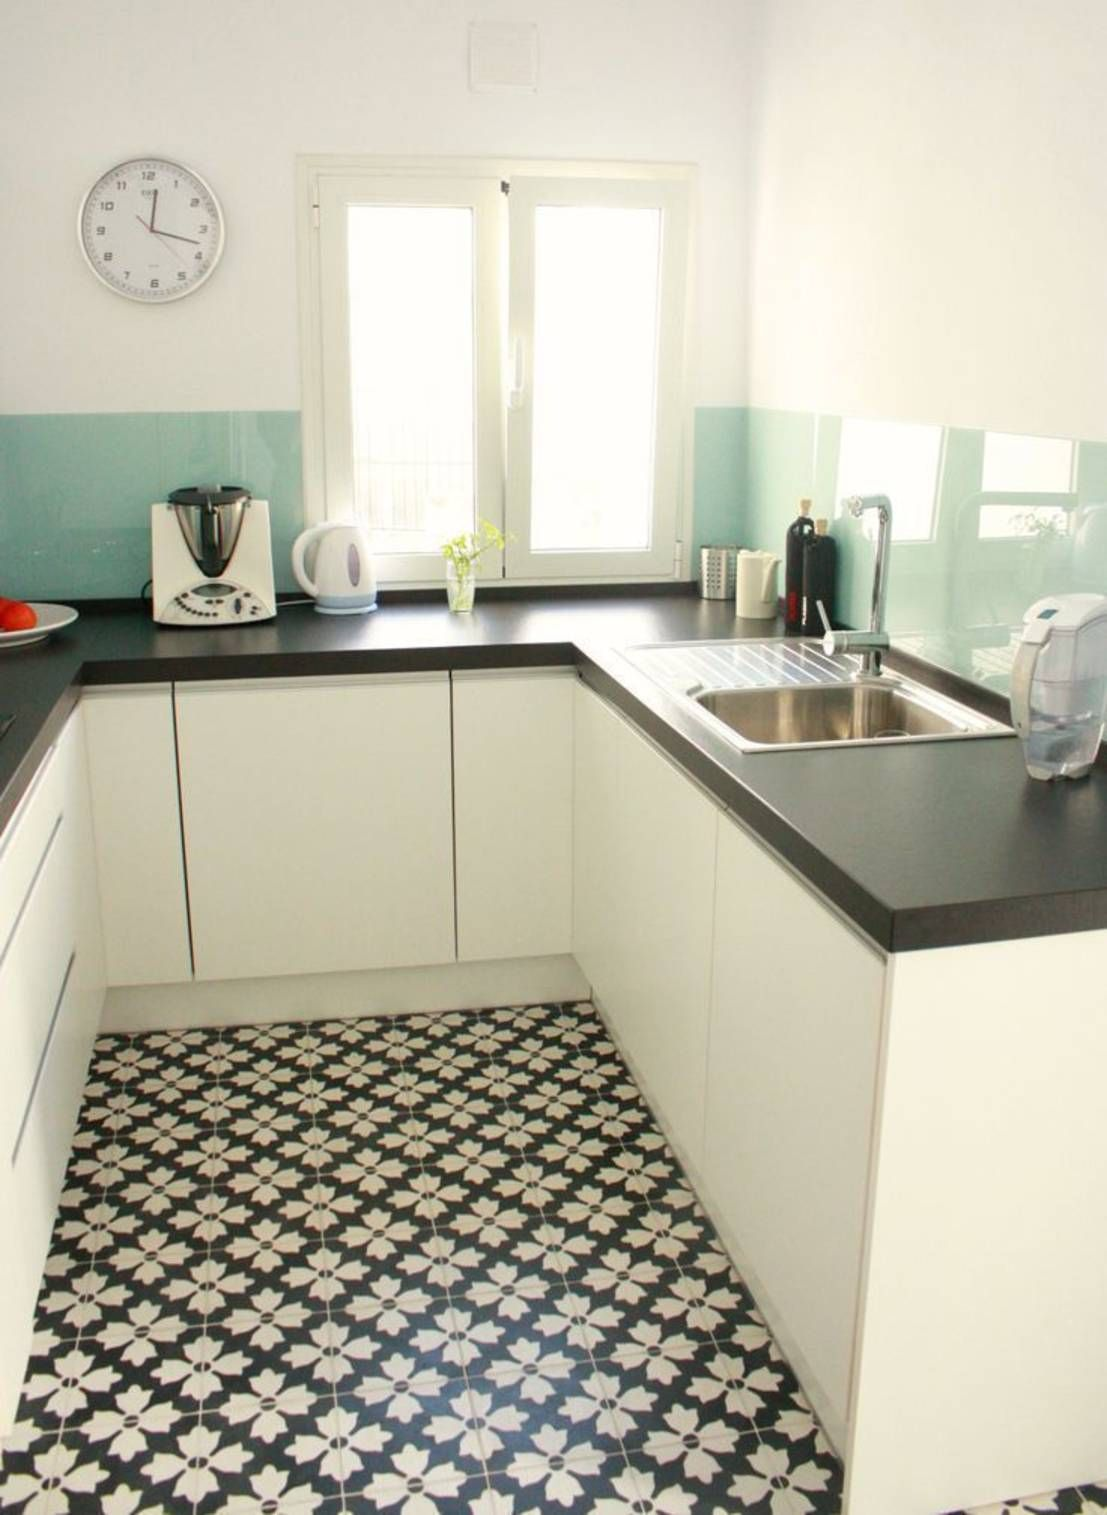 5 cocinas modernas peque as suelo cocinas cocinas - Baldosas suelo cocina ...